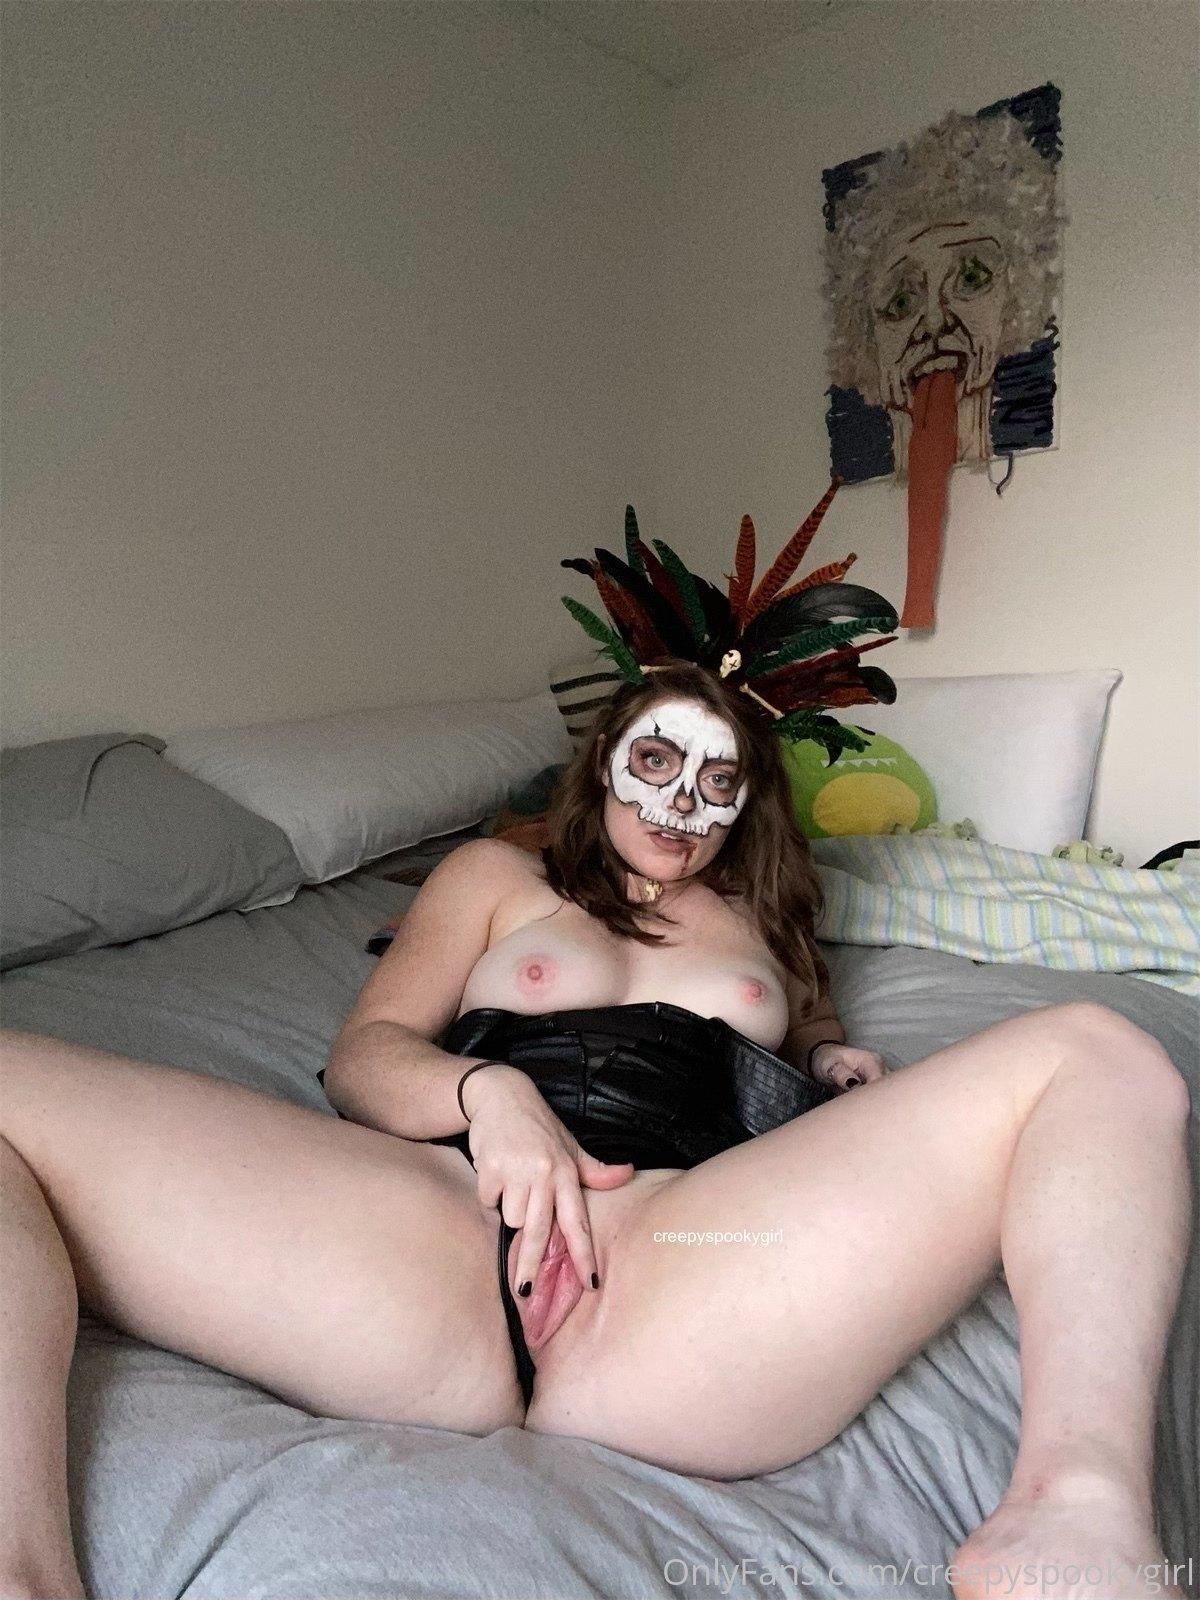 Creepy And Spooky As Always, Creepyspookygirl, Onlyfans 0151